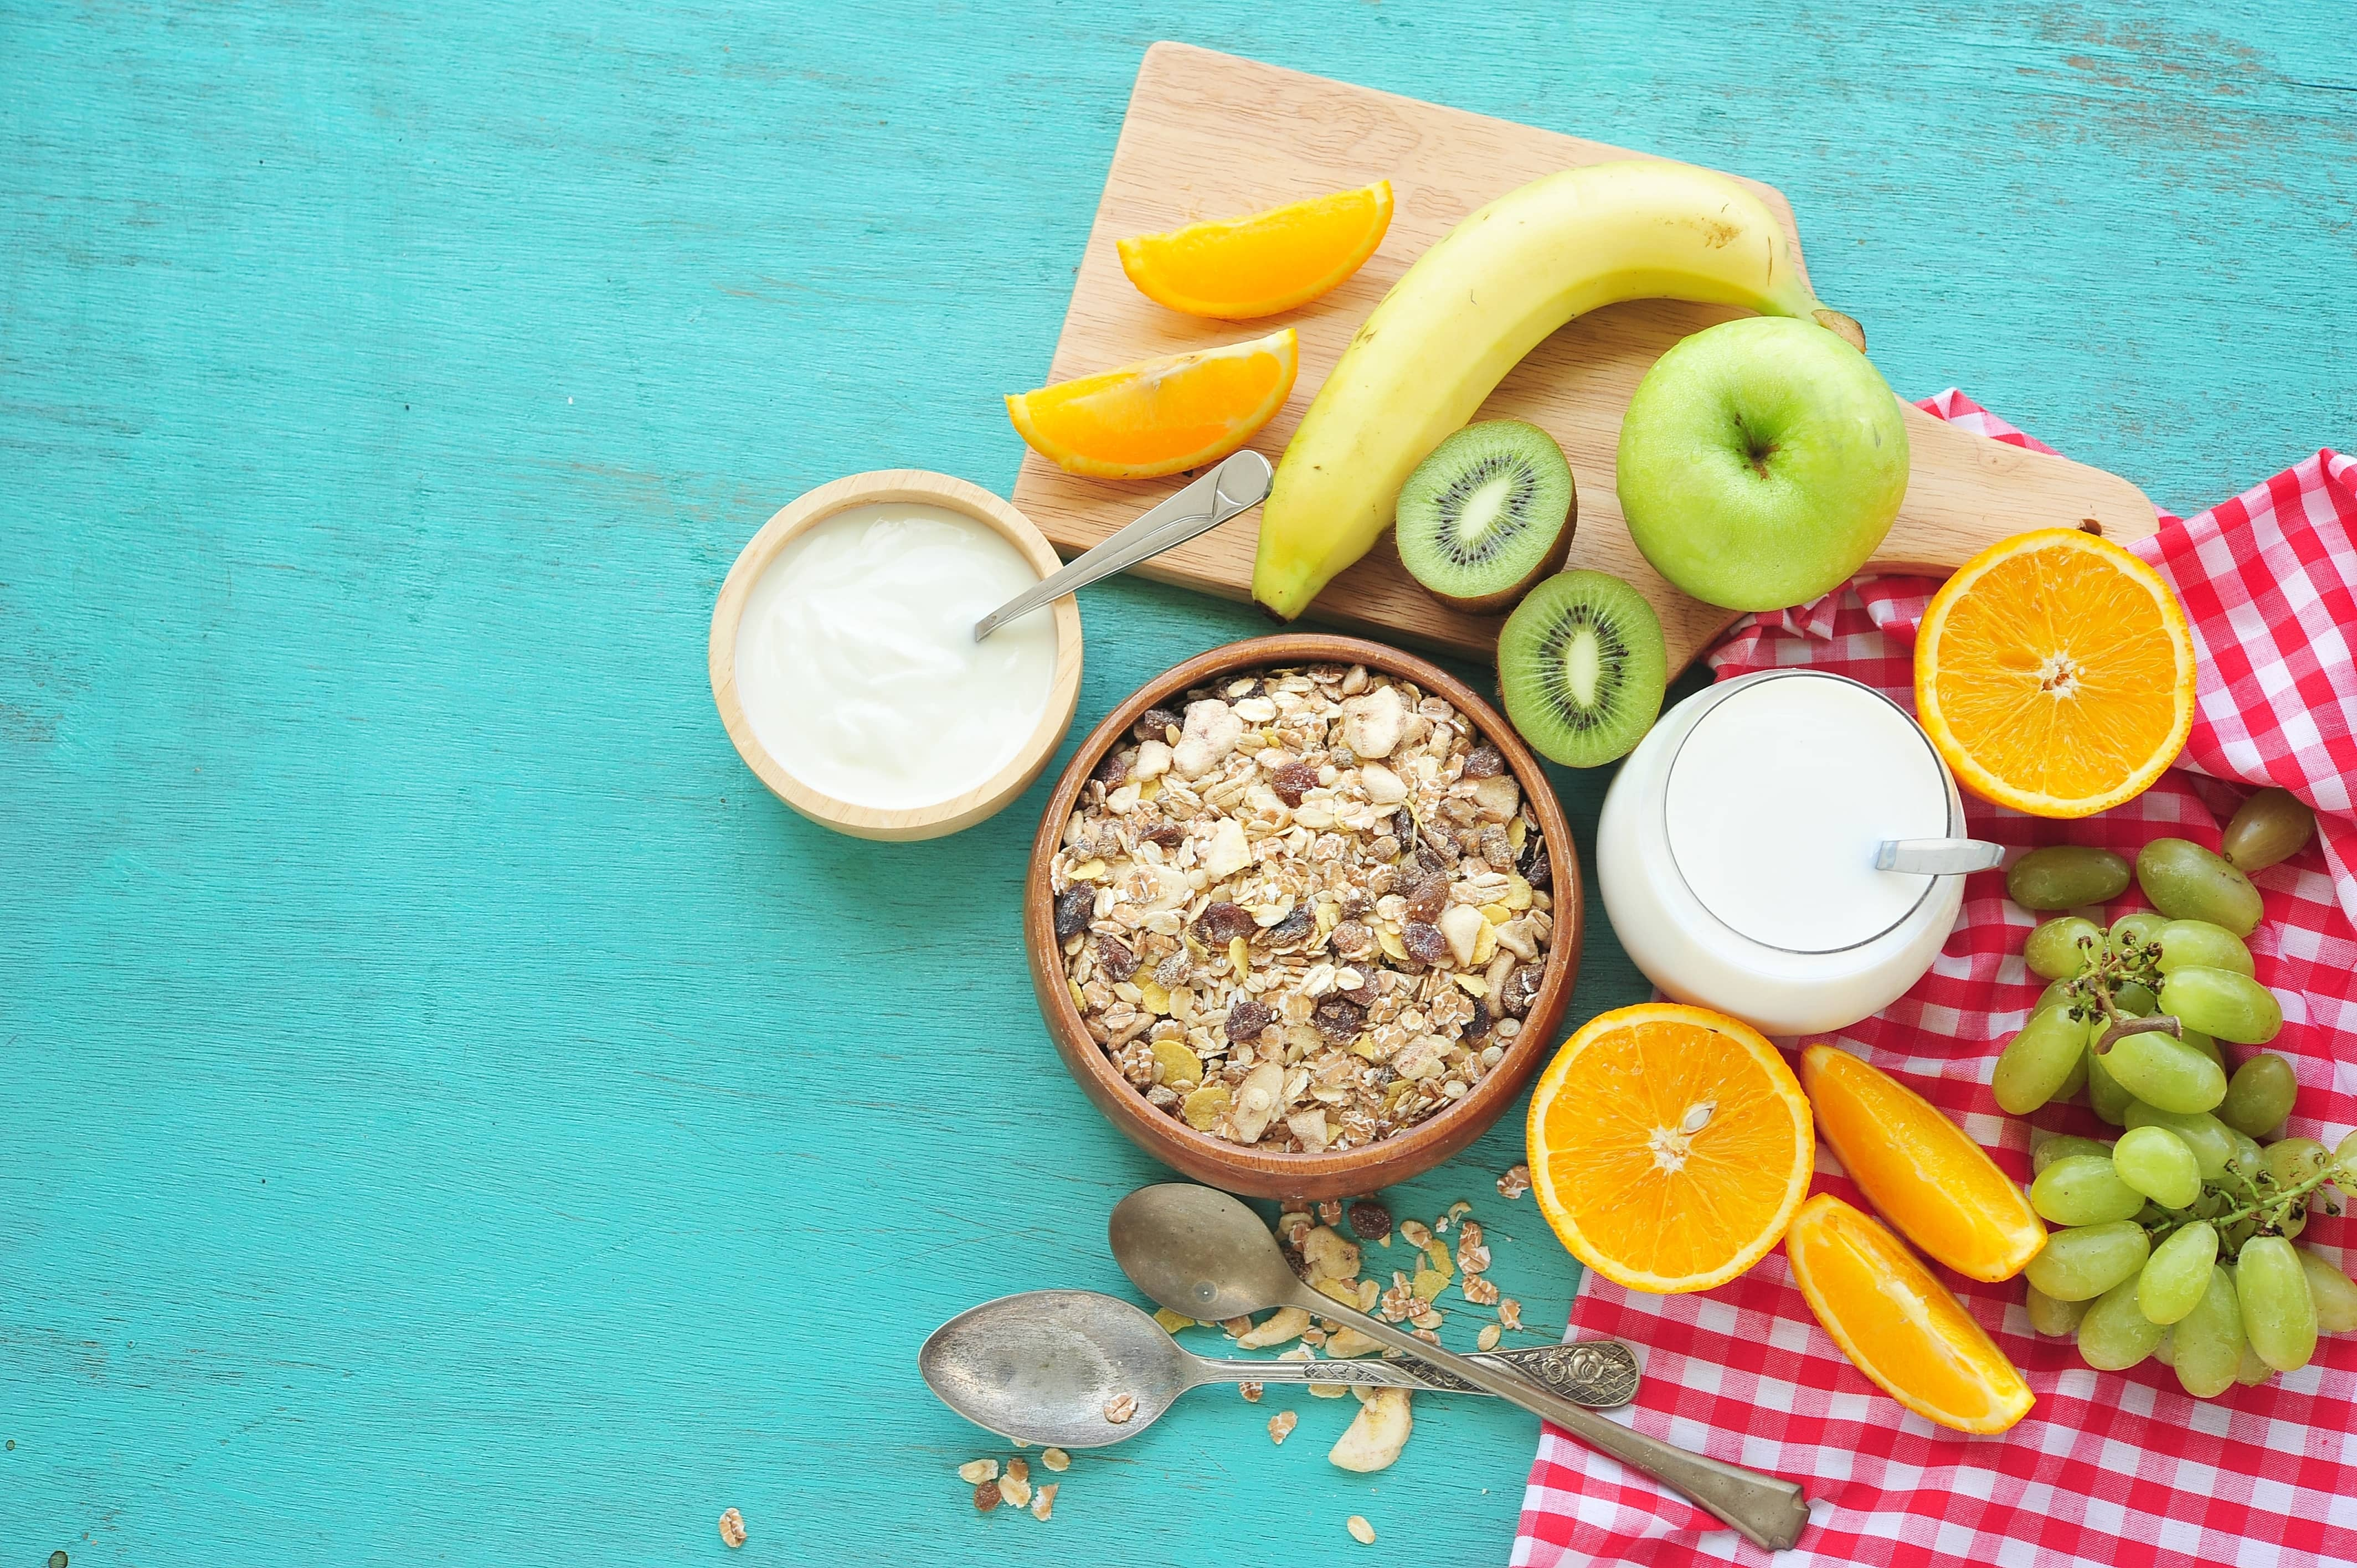 Produkty na diecie dającej energię